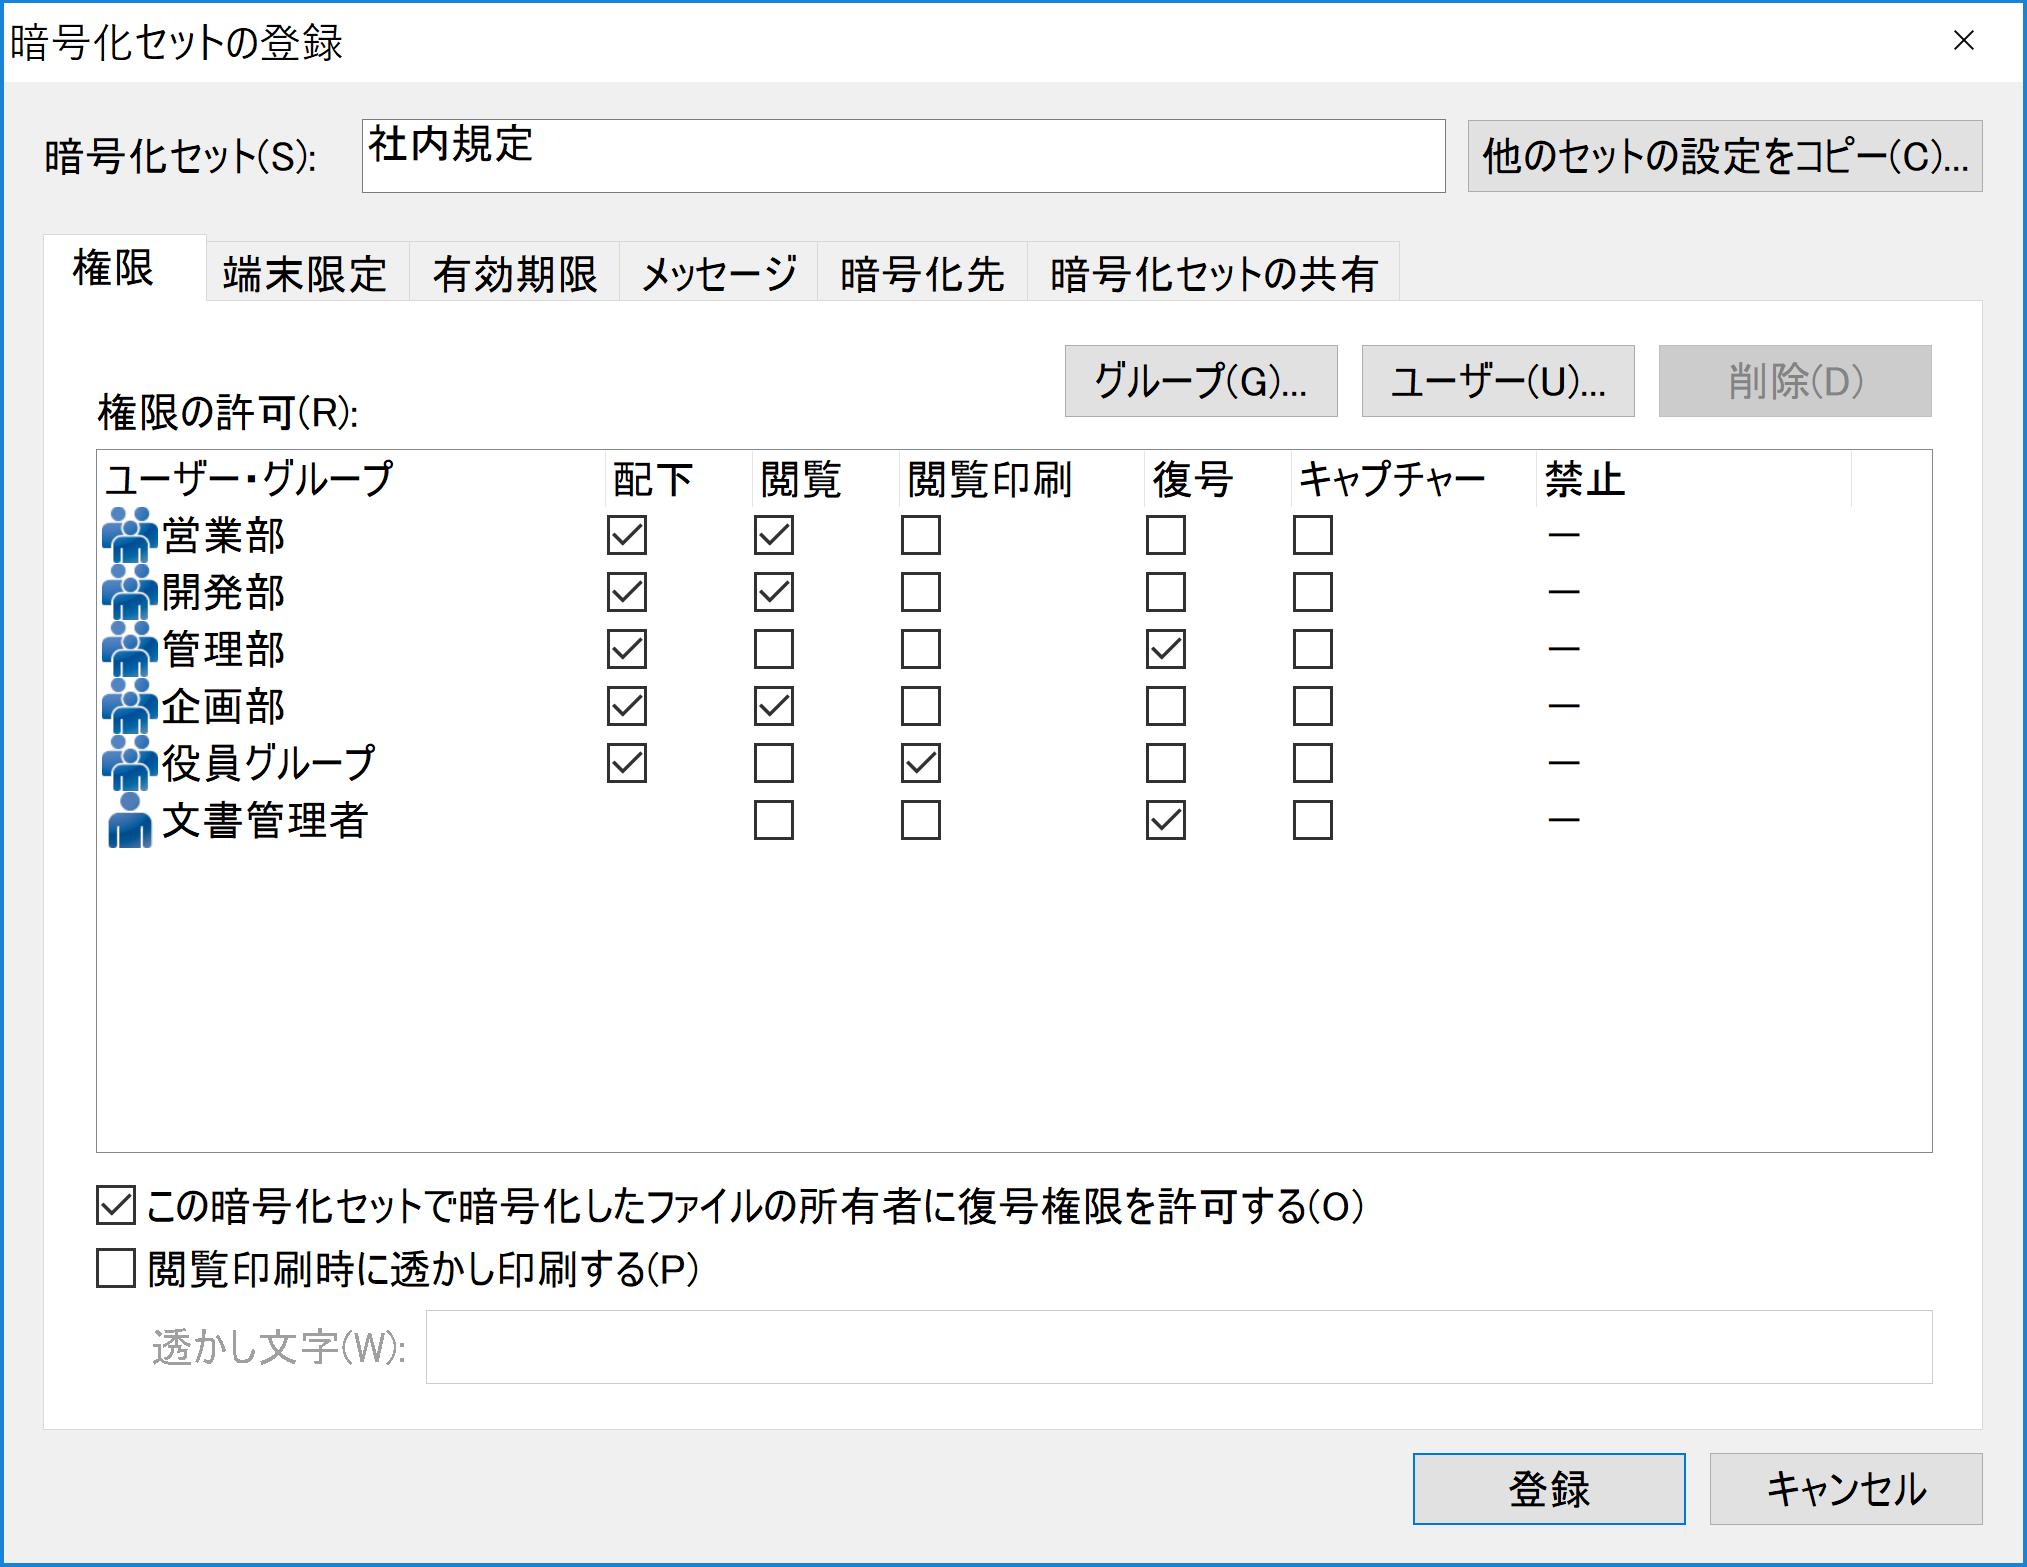 ファイル種類や利用者ごとの権限制御を暗号化セットに設定。